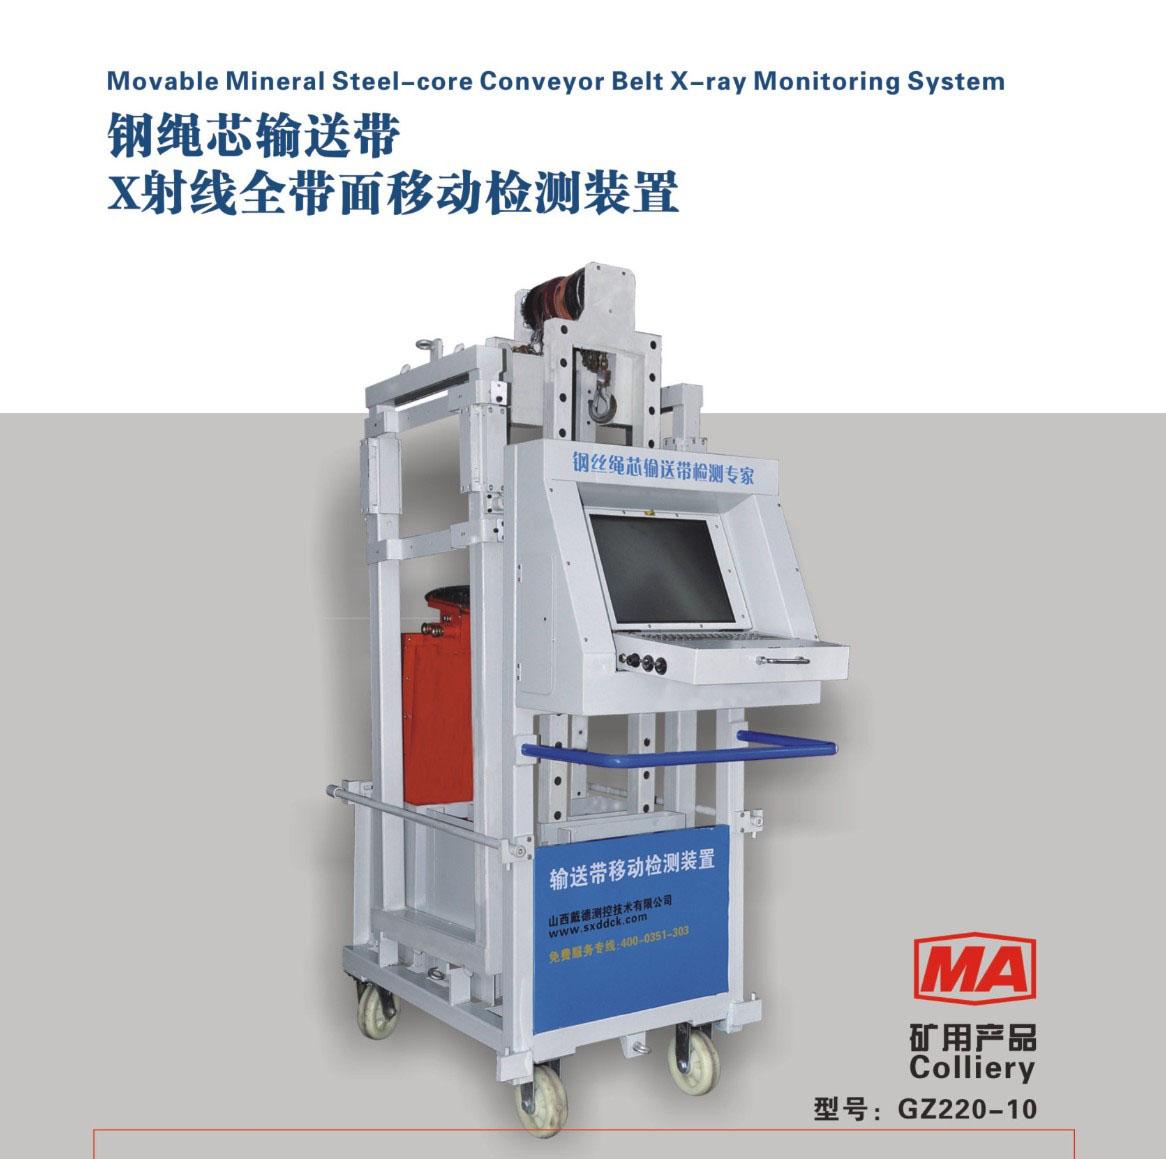 X射线移动检测装置.jpg